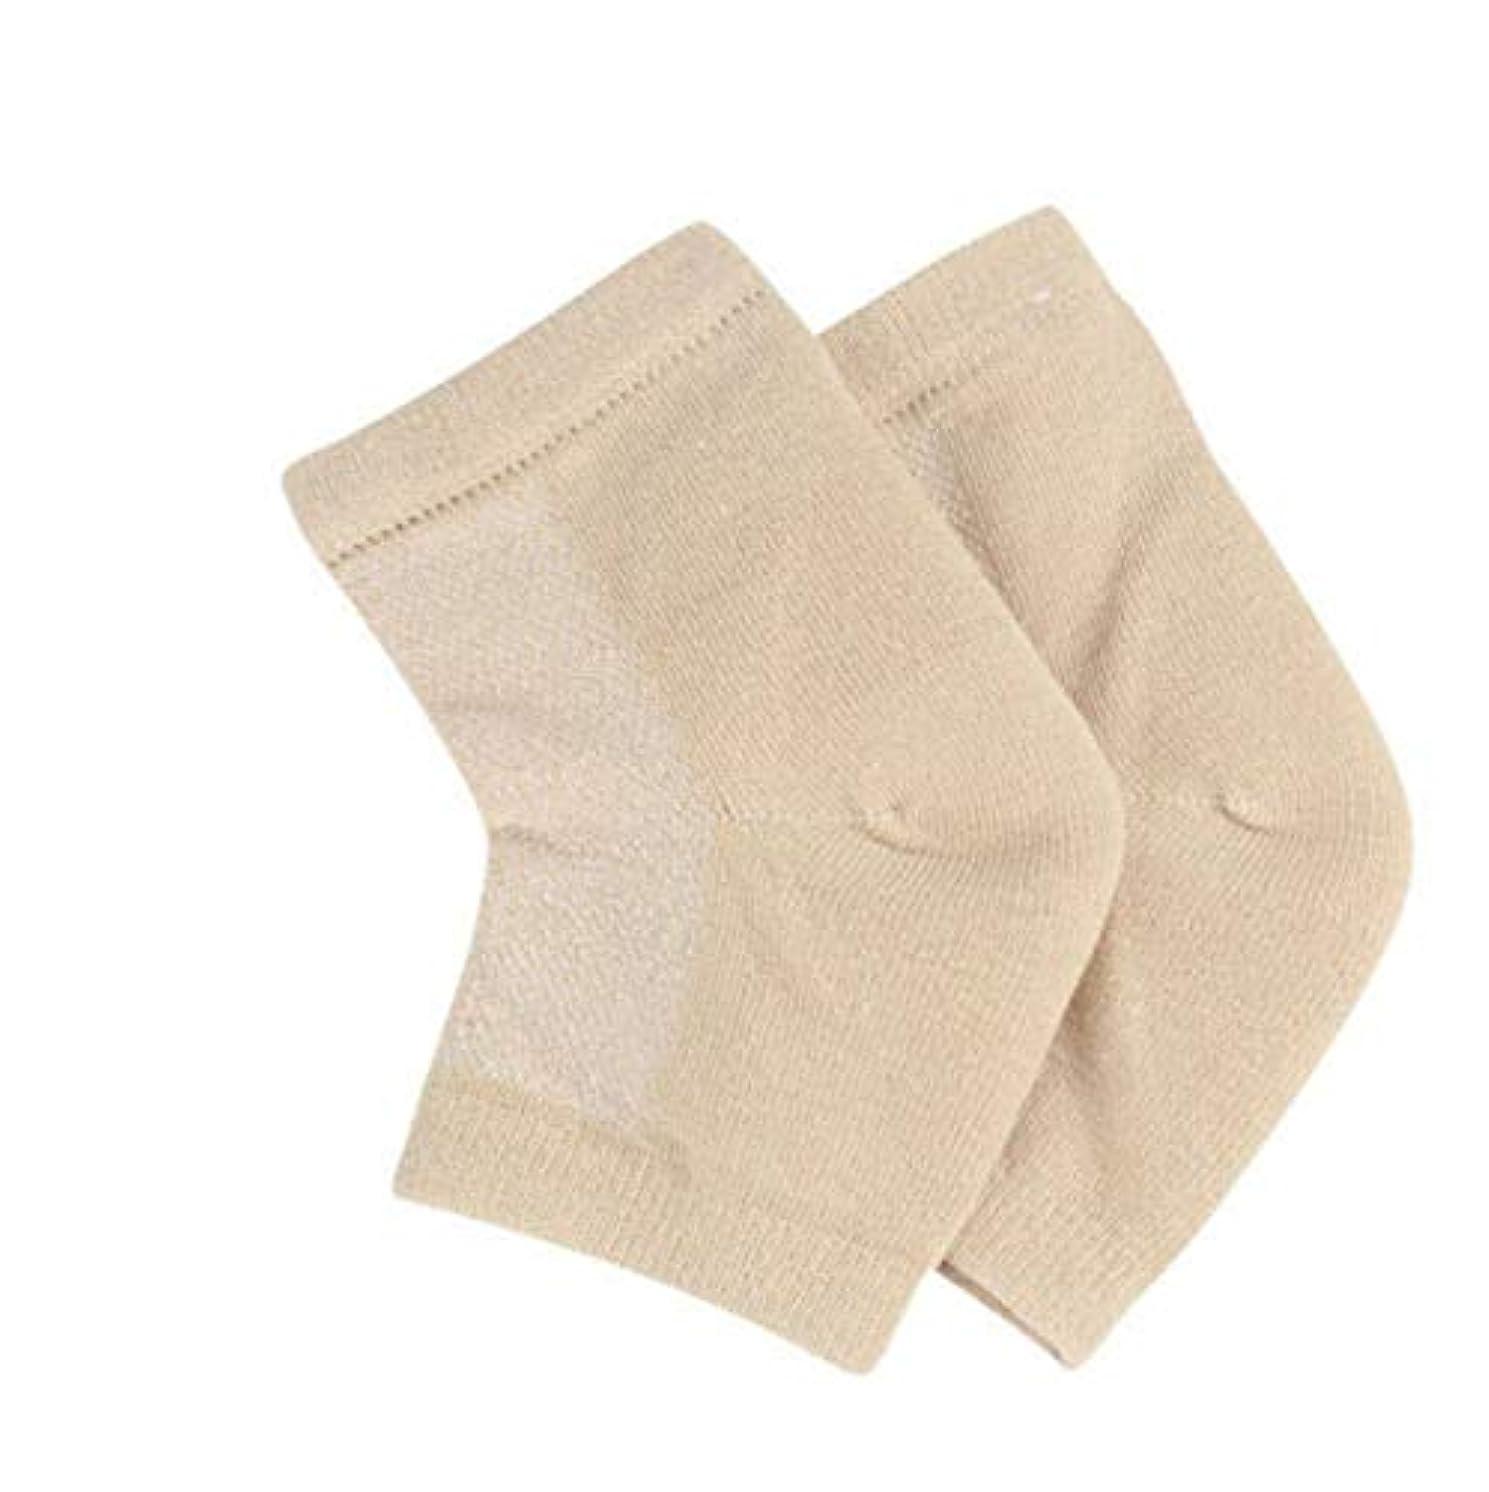 才能ブースト不良かかとケア靴下 足サポーター 半分ソックス 足首用 角質ケア/保湿/美容 左右セット フリーサイズ 男女適用 (肌色)